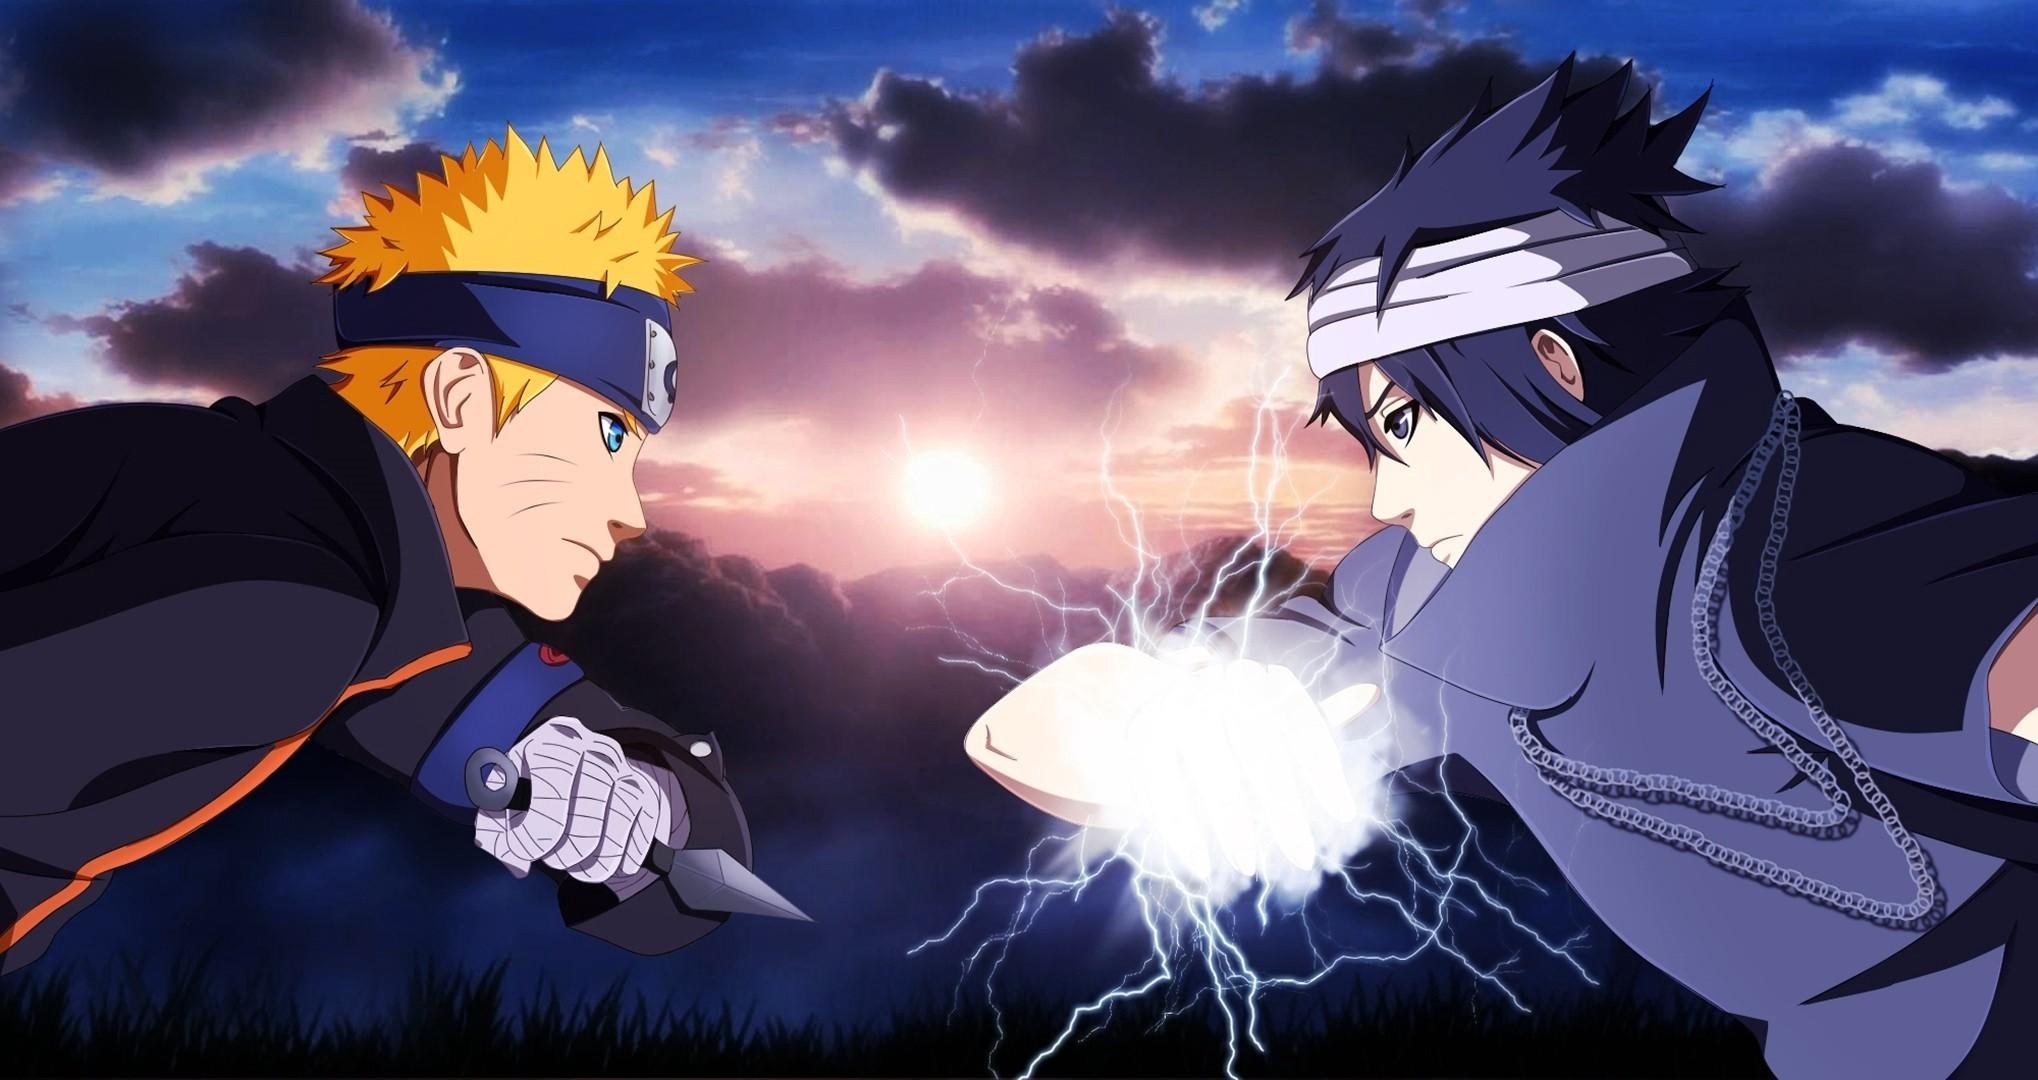 Anime – Naruto Naruto Uzumaki Sasuke Uchiha Wallpaper